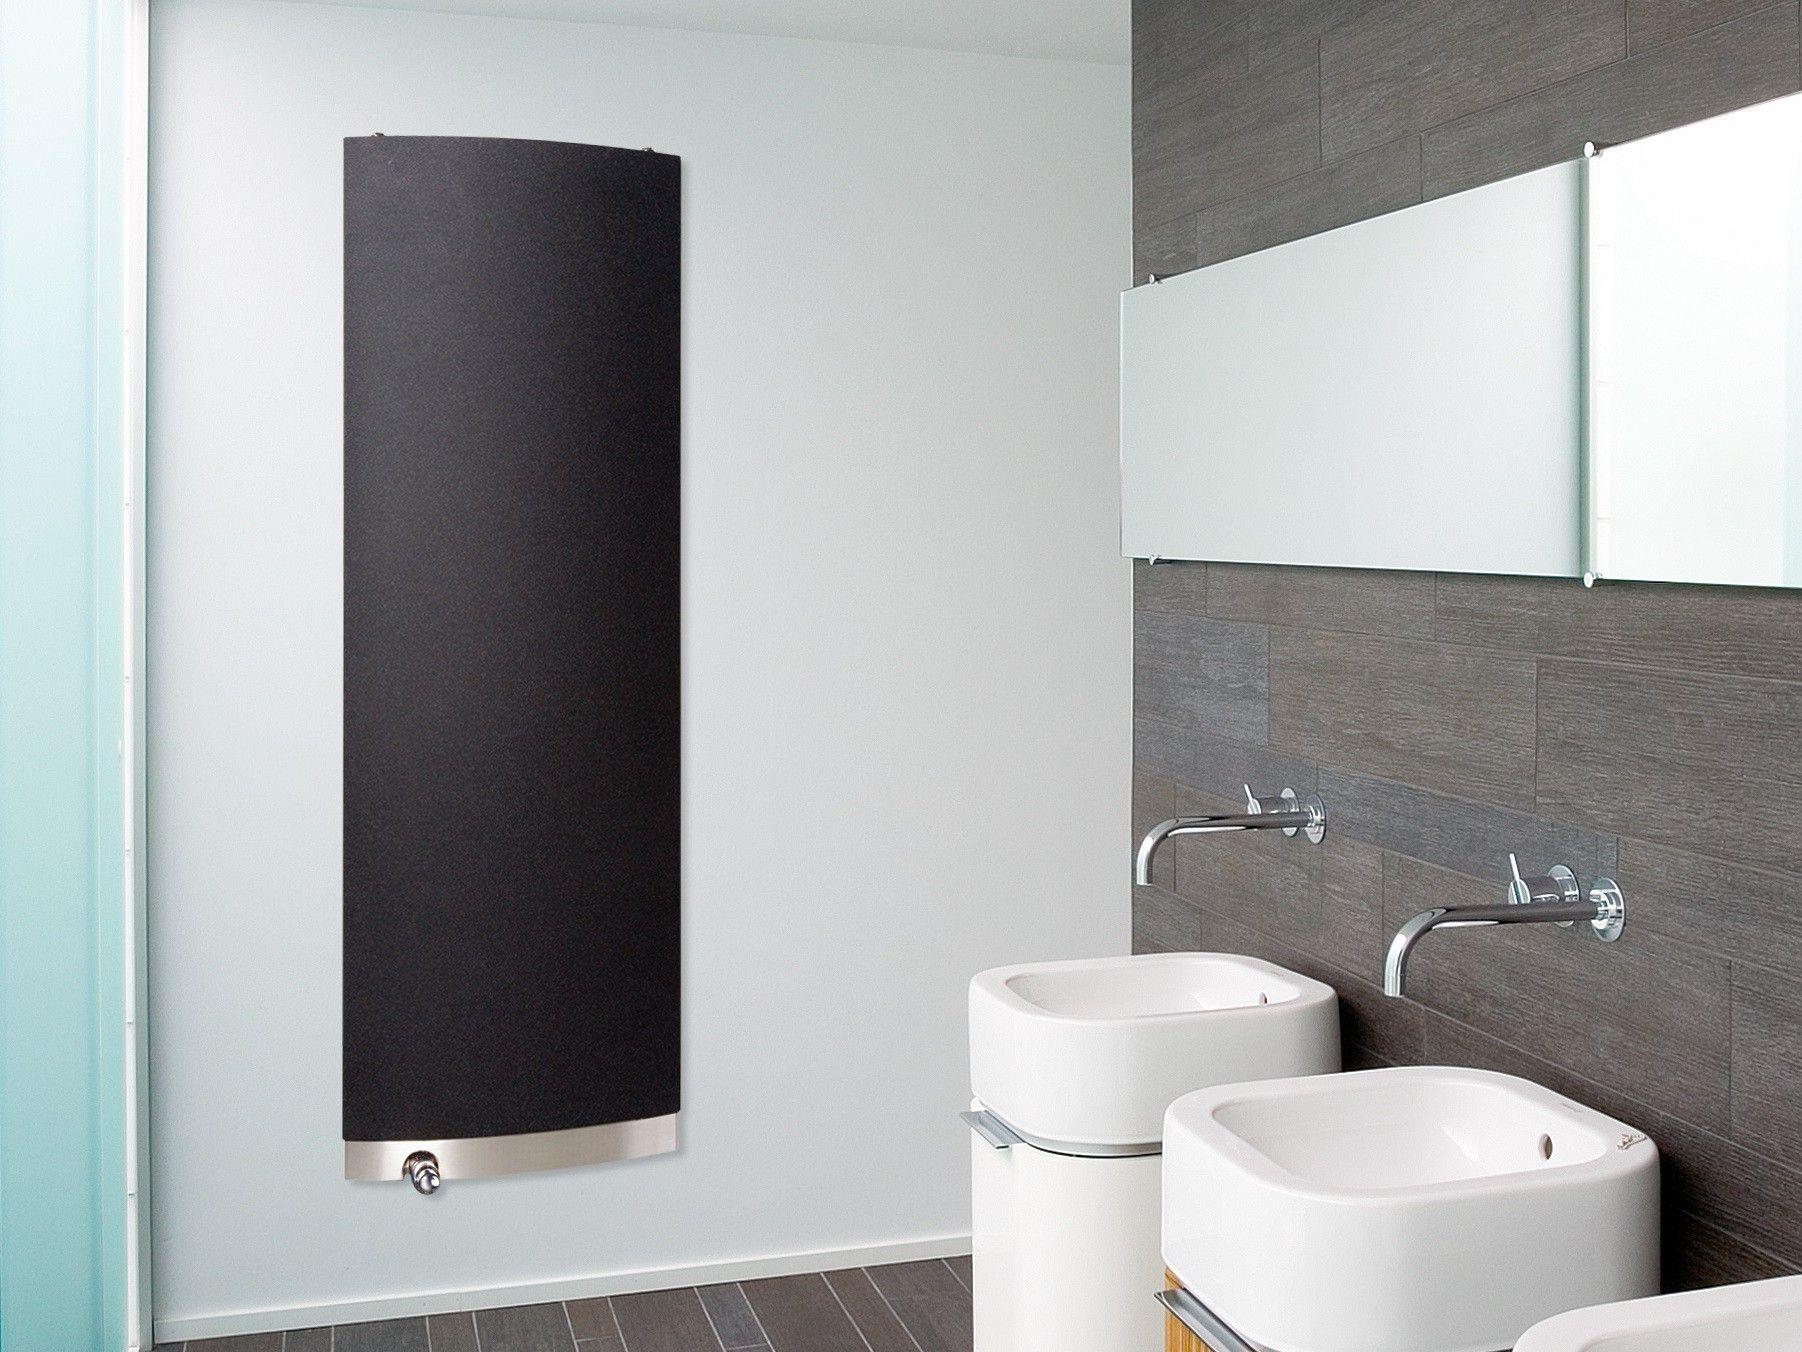 Full Size of Wandheizkörper Heizkrper Stein 180 60 Cm 971 W Design Wohnzimmer Wandheizkörper